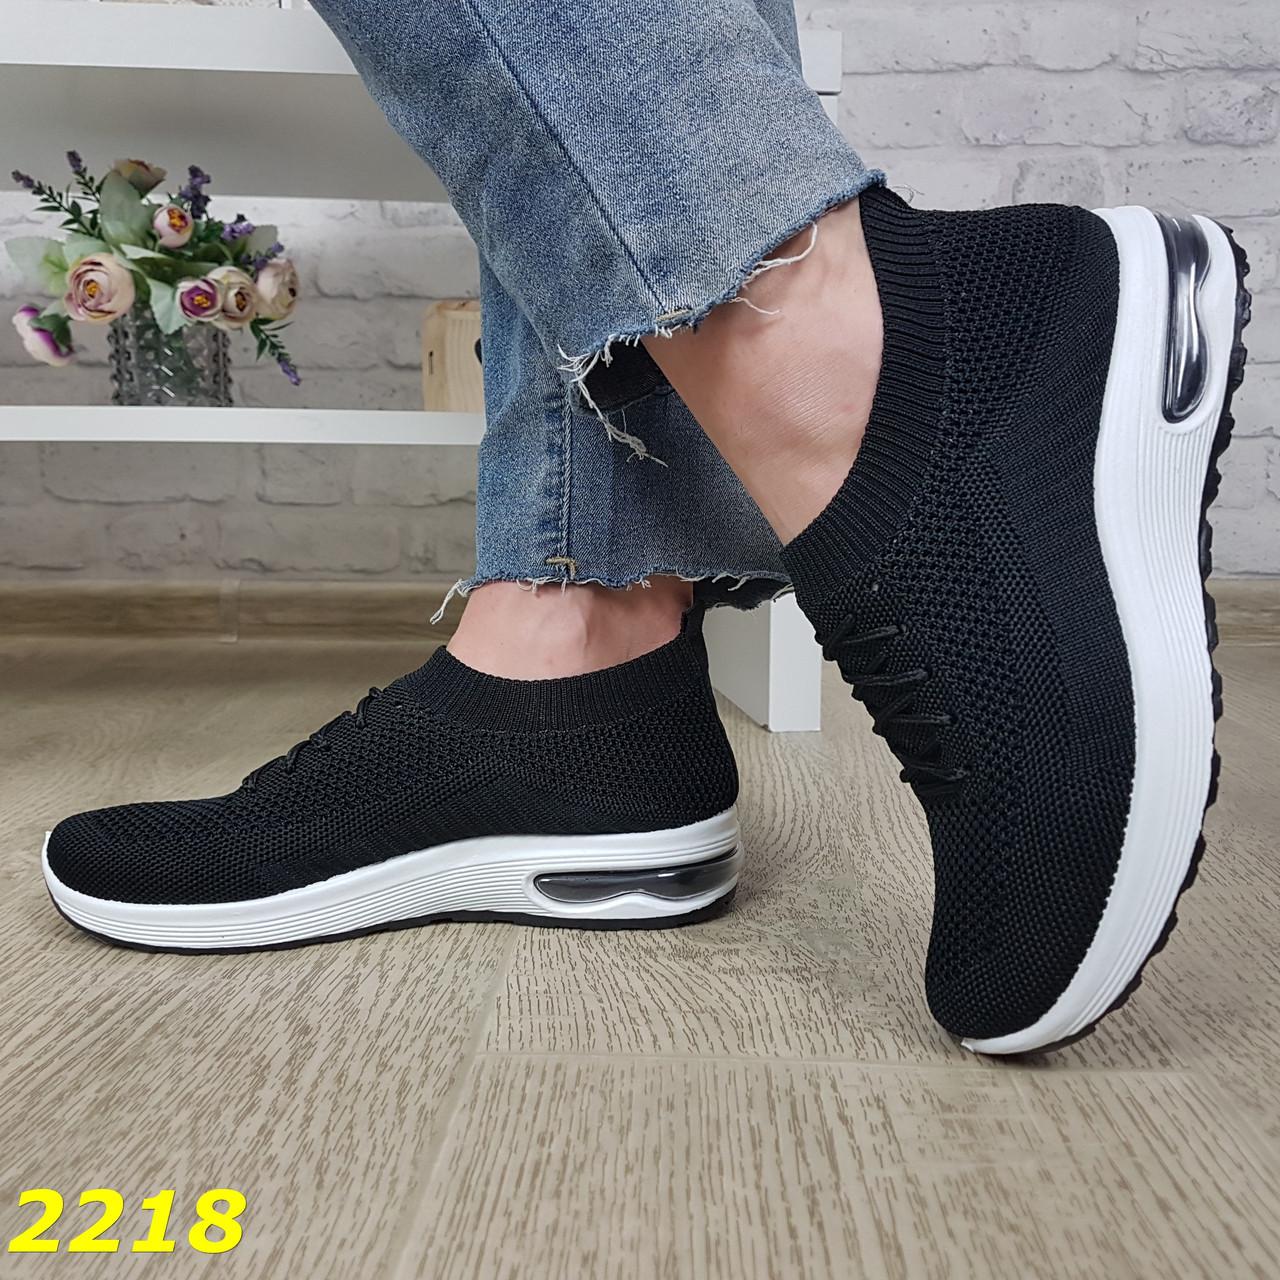 Кроссовки черные текстильные с компенсатором на амортизаторах легкие